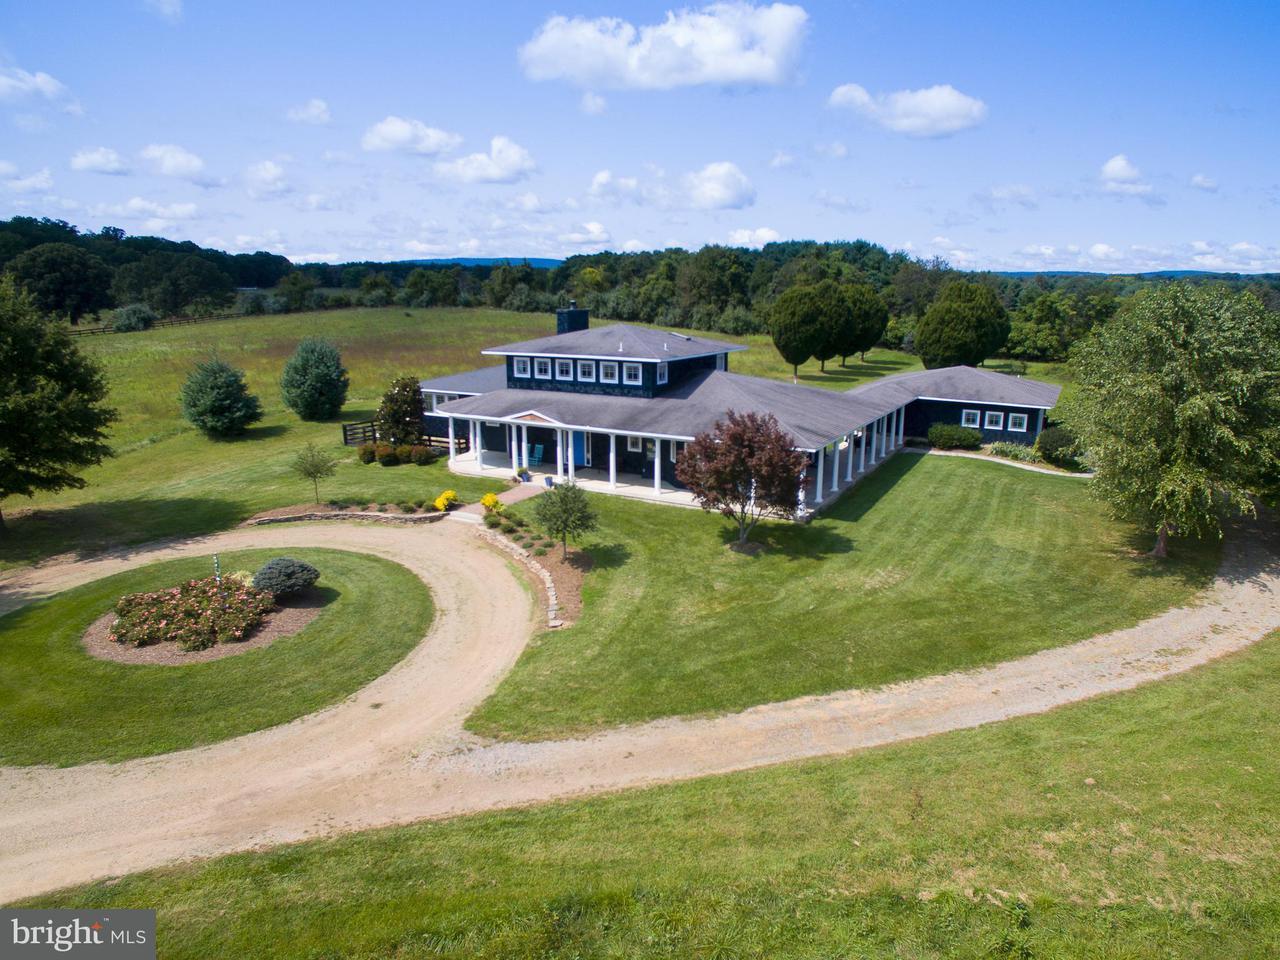 獨棟家庭住宅 為 出售 在 19415 SILCOTT Lane 19415 SILCOTT Lane Purcellville, 弗吉尼亞州 20132 美國